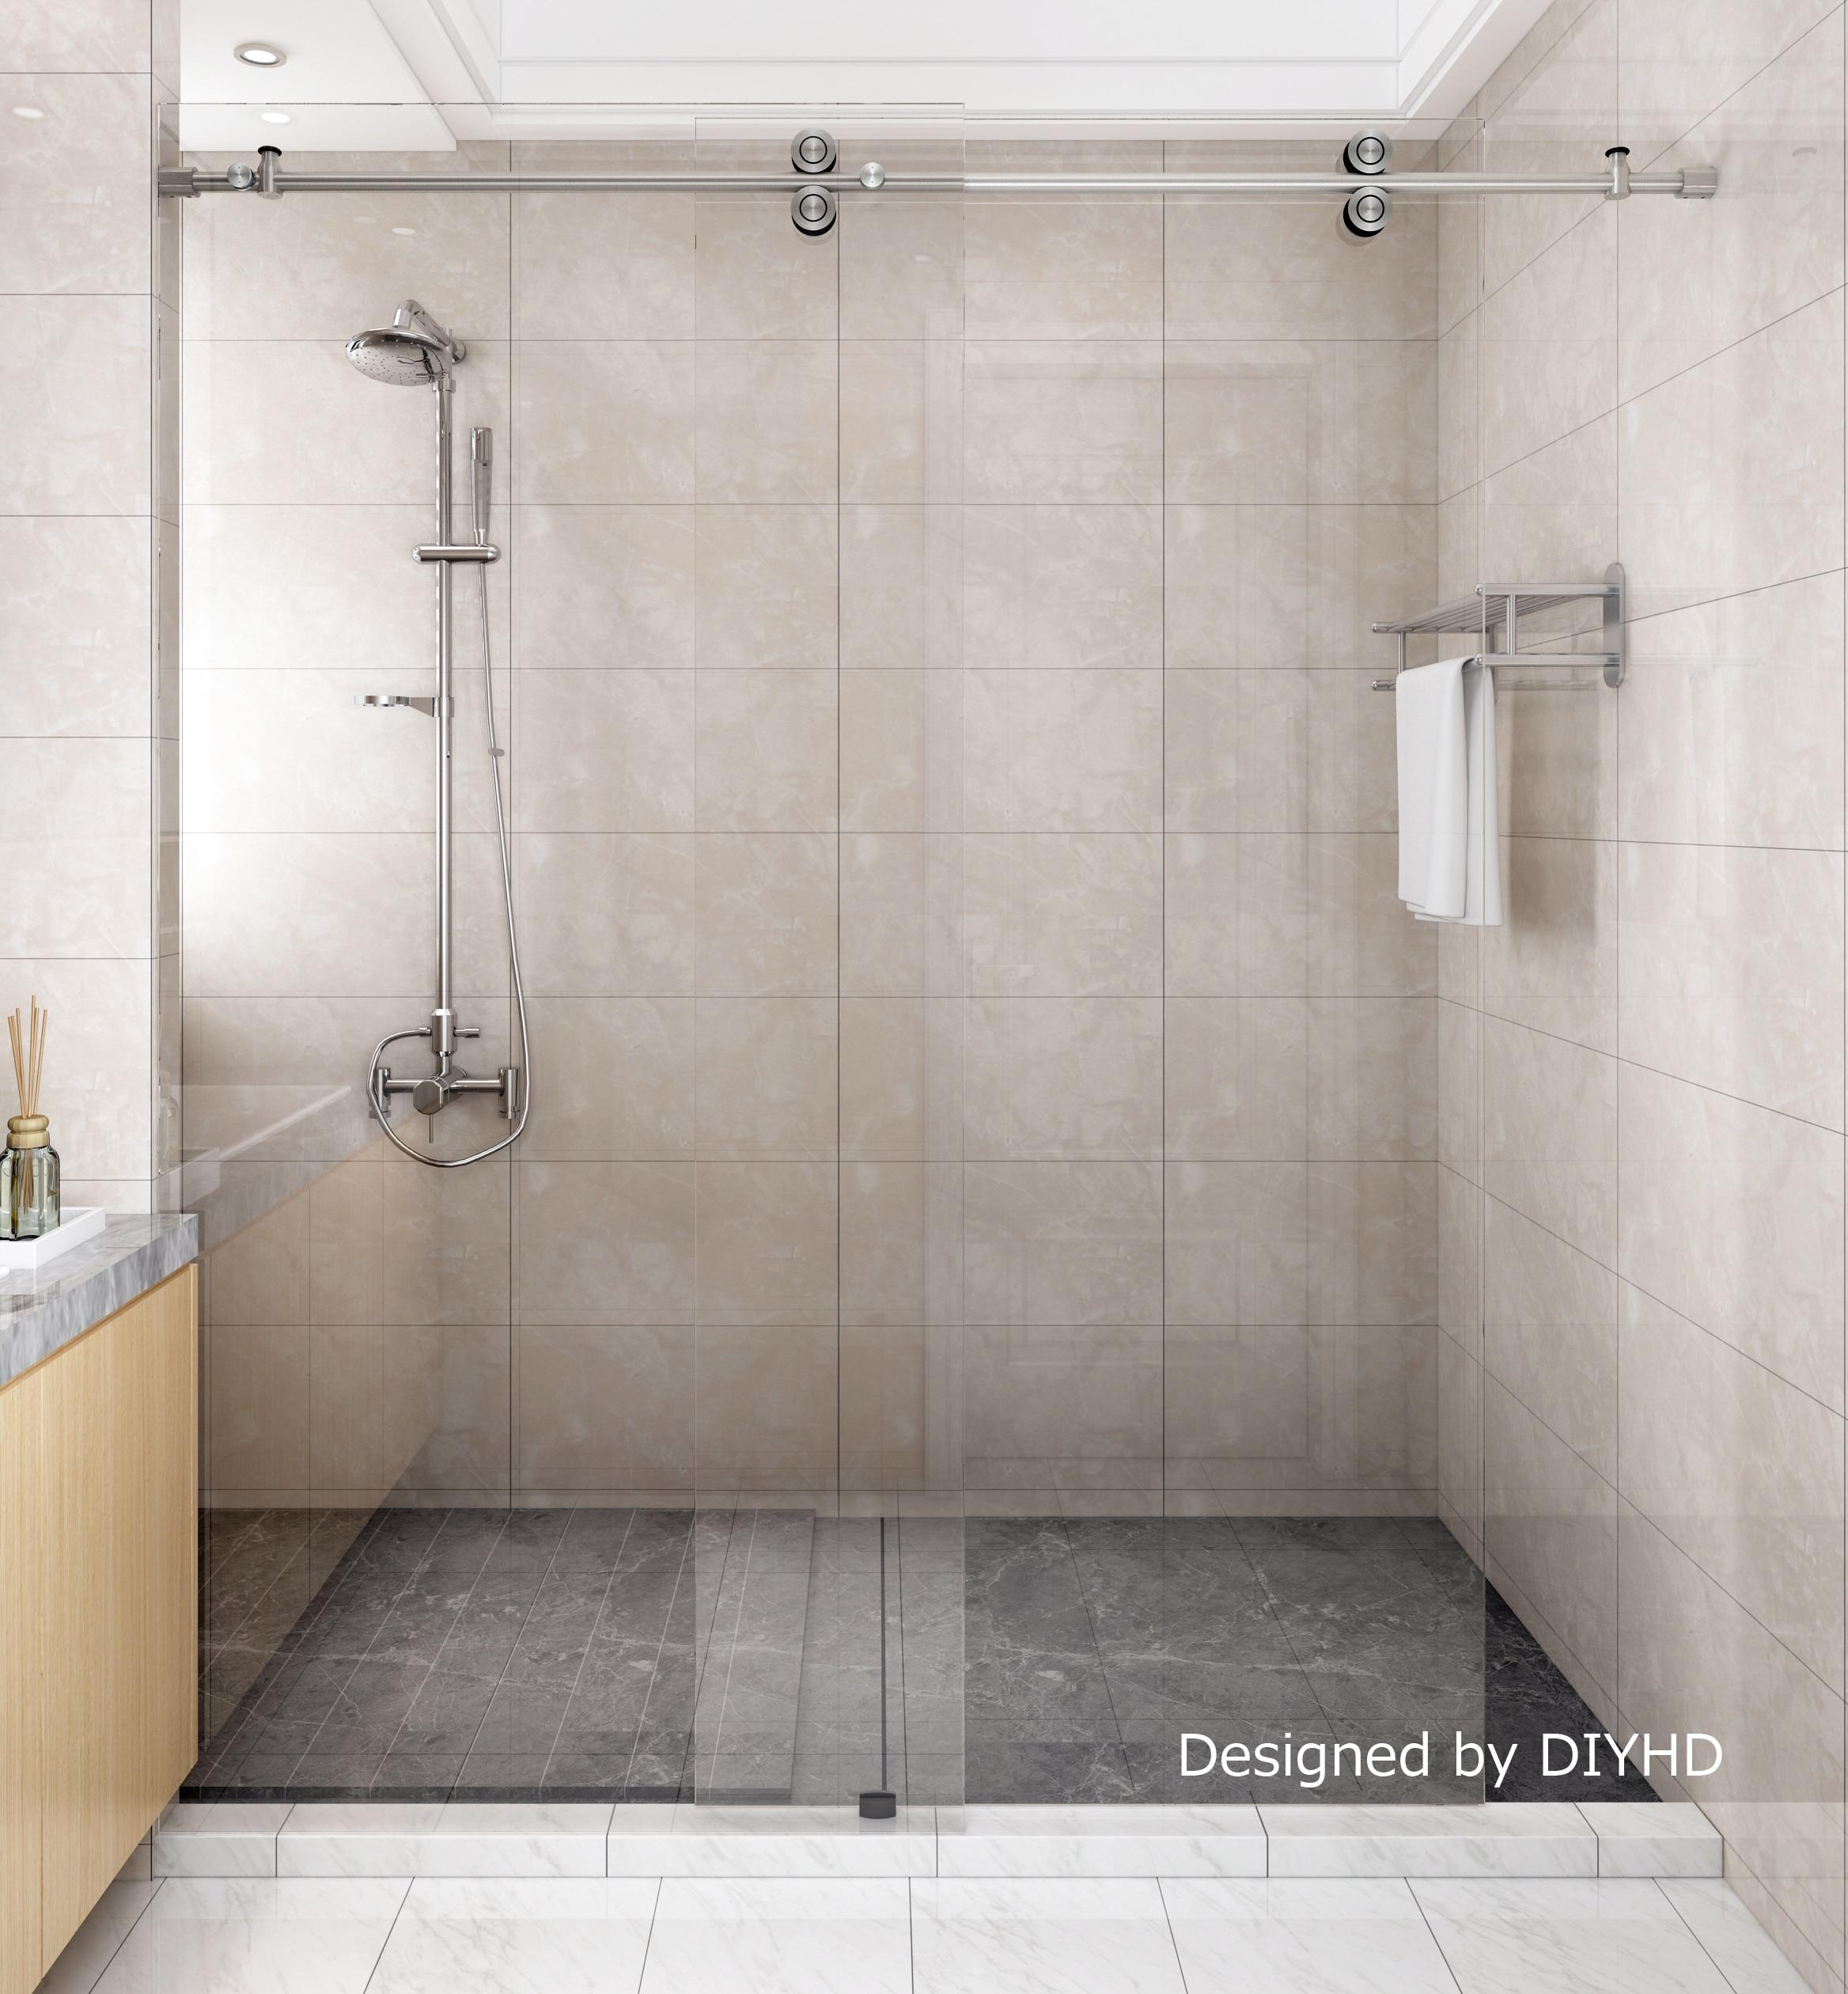 Us 81 0 Diyhd 5ft 6 6ft Frameless Sliding Shower Door Hardware Inline Barn Shower Stainless Steel Satin Chrome Finish Roller Kit In Bath Hardware